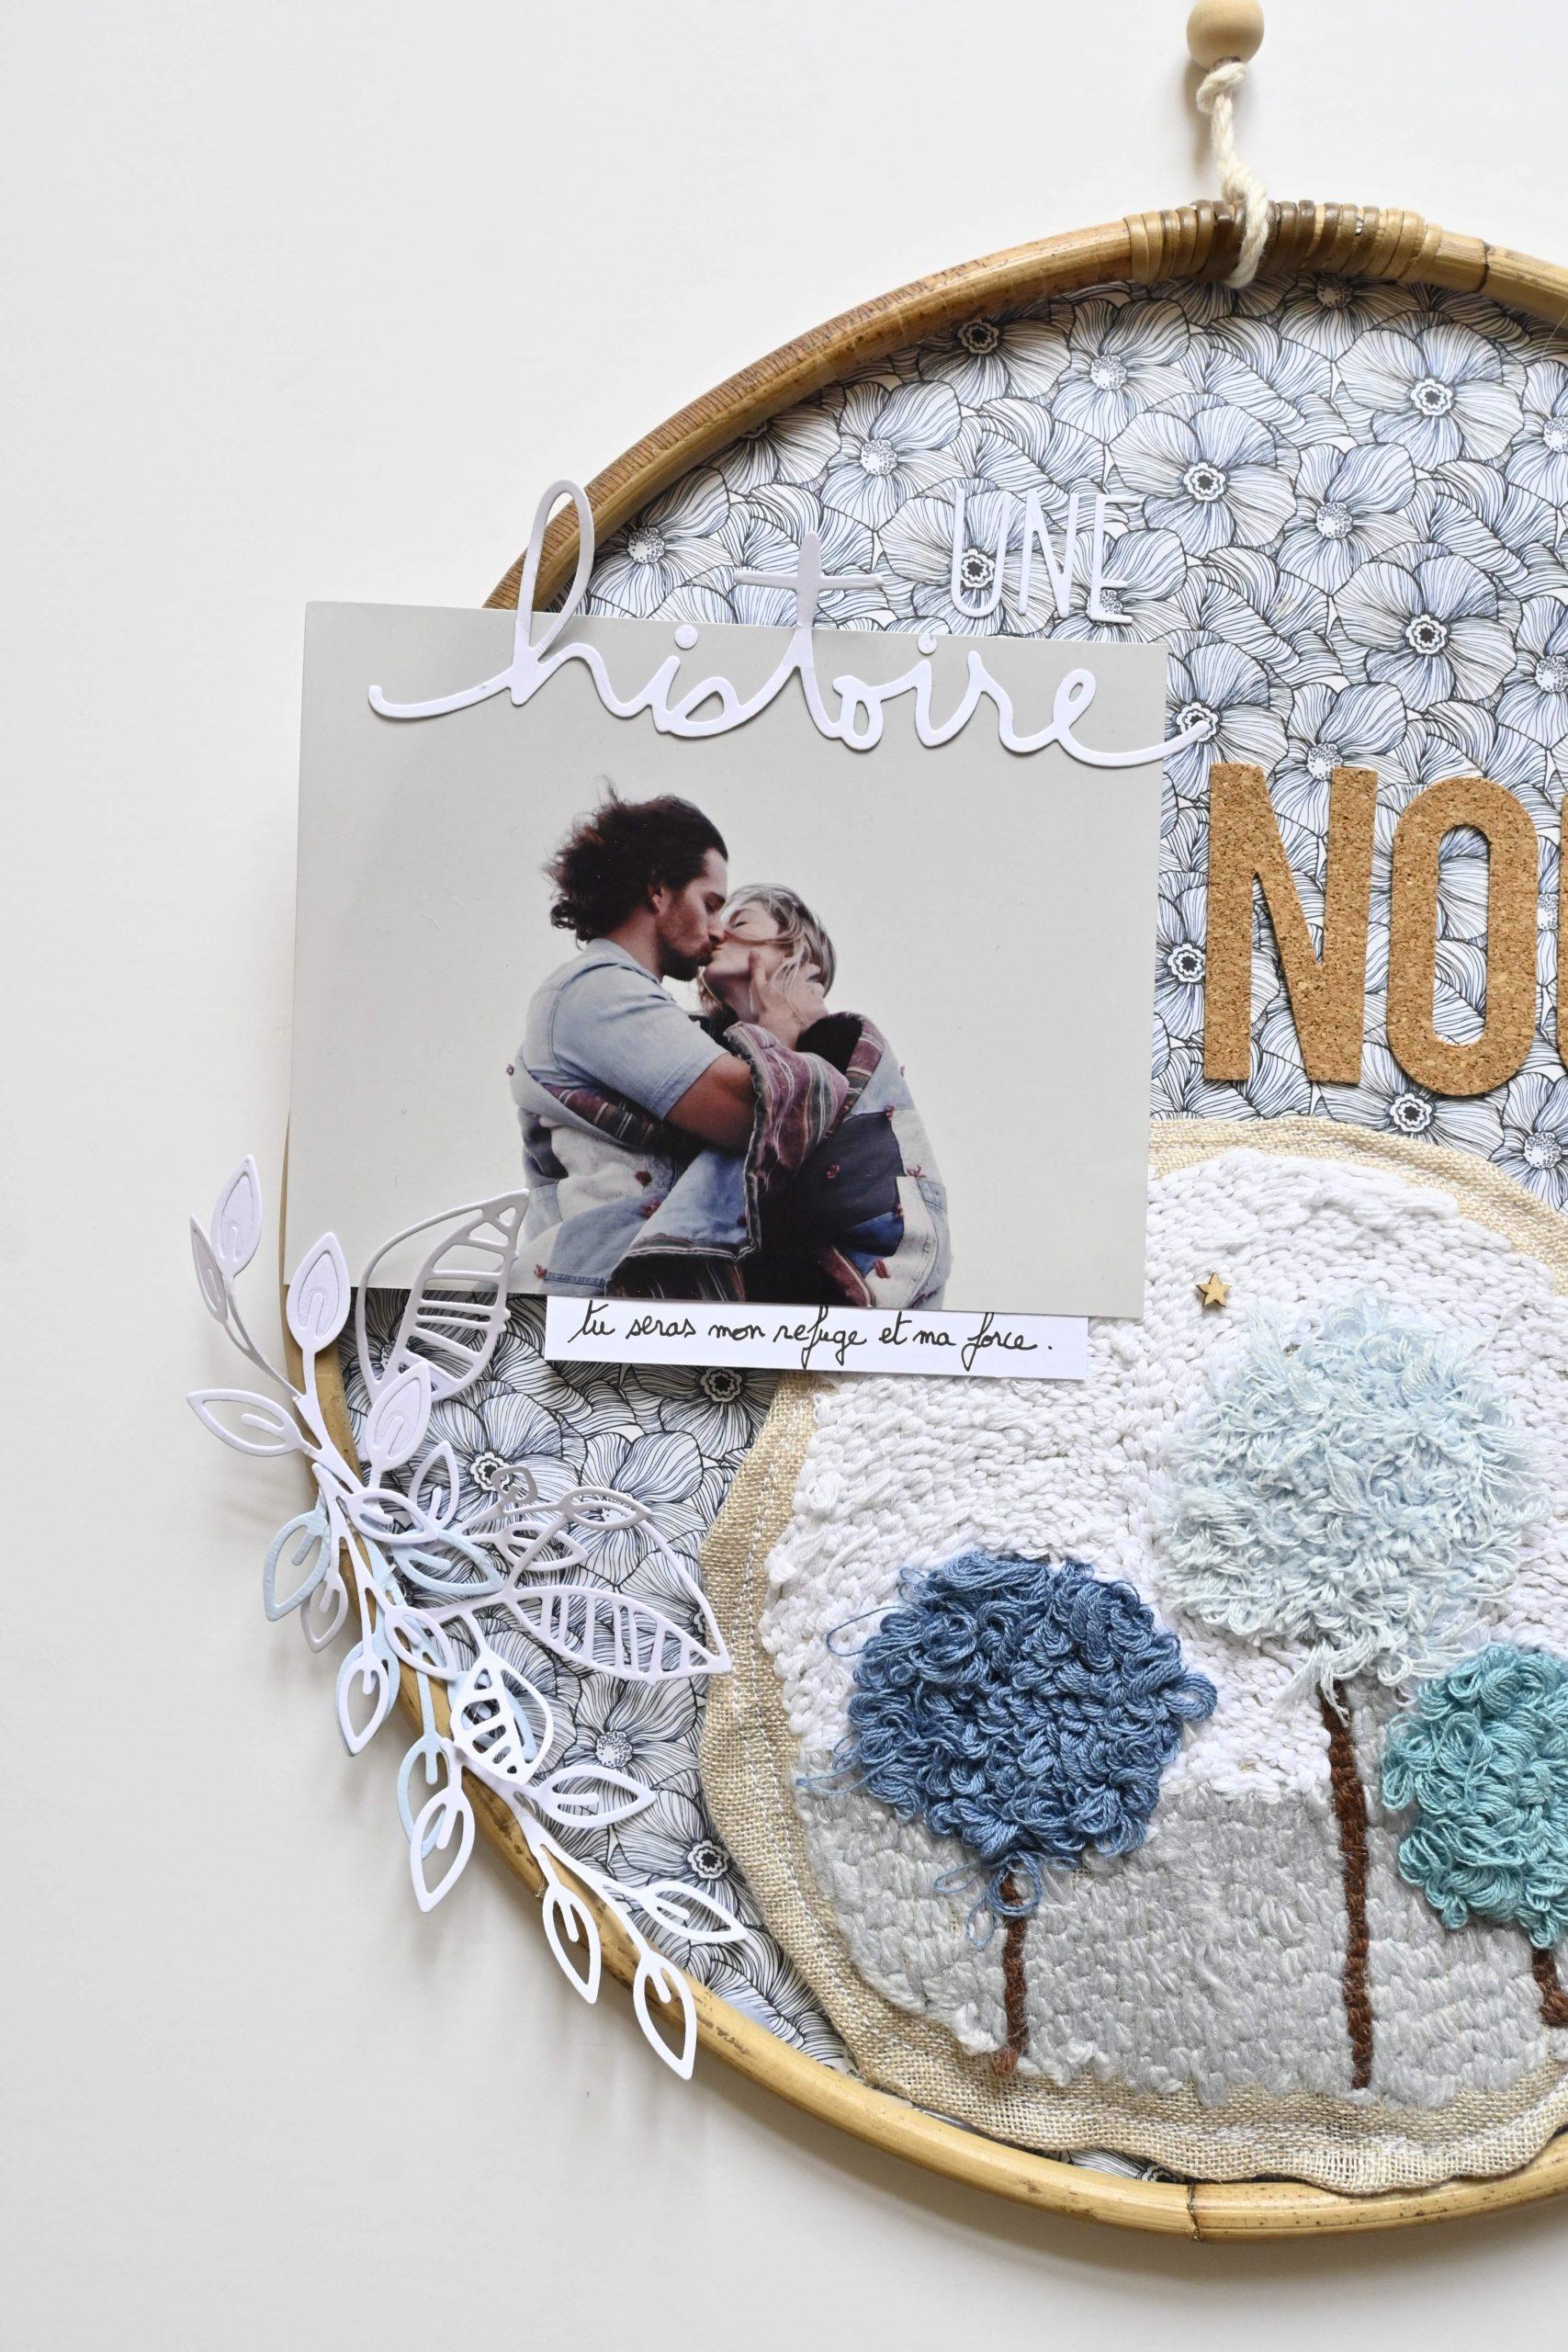 photo couple création scrapbooking dans un cercle avec punch needle